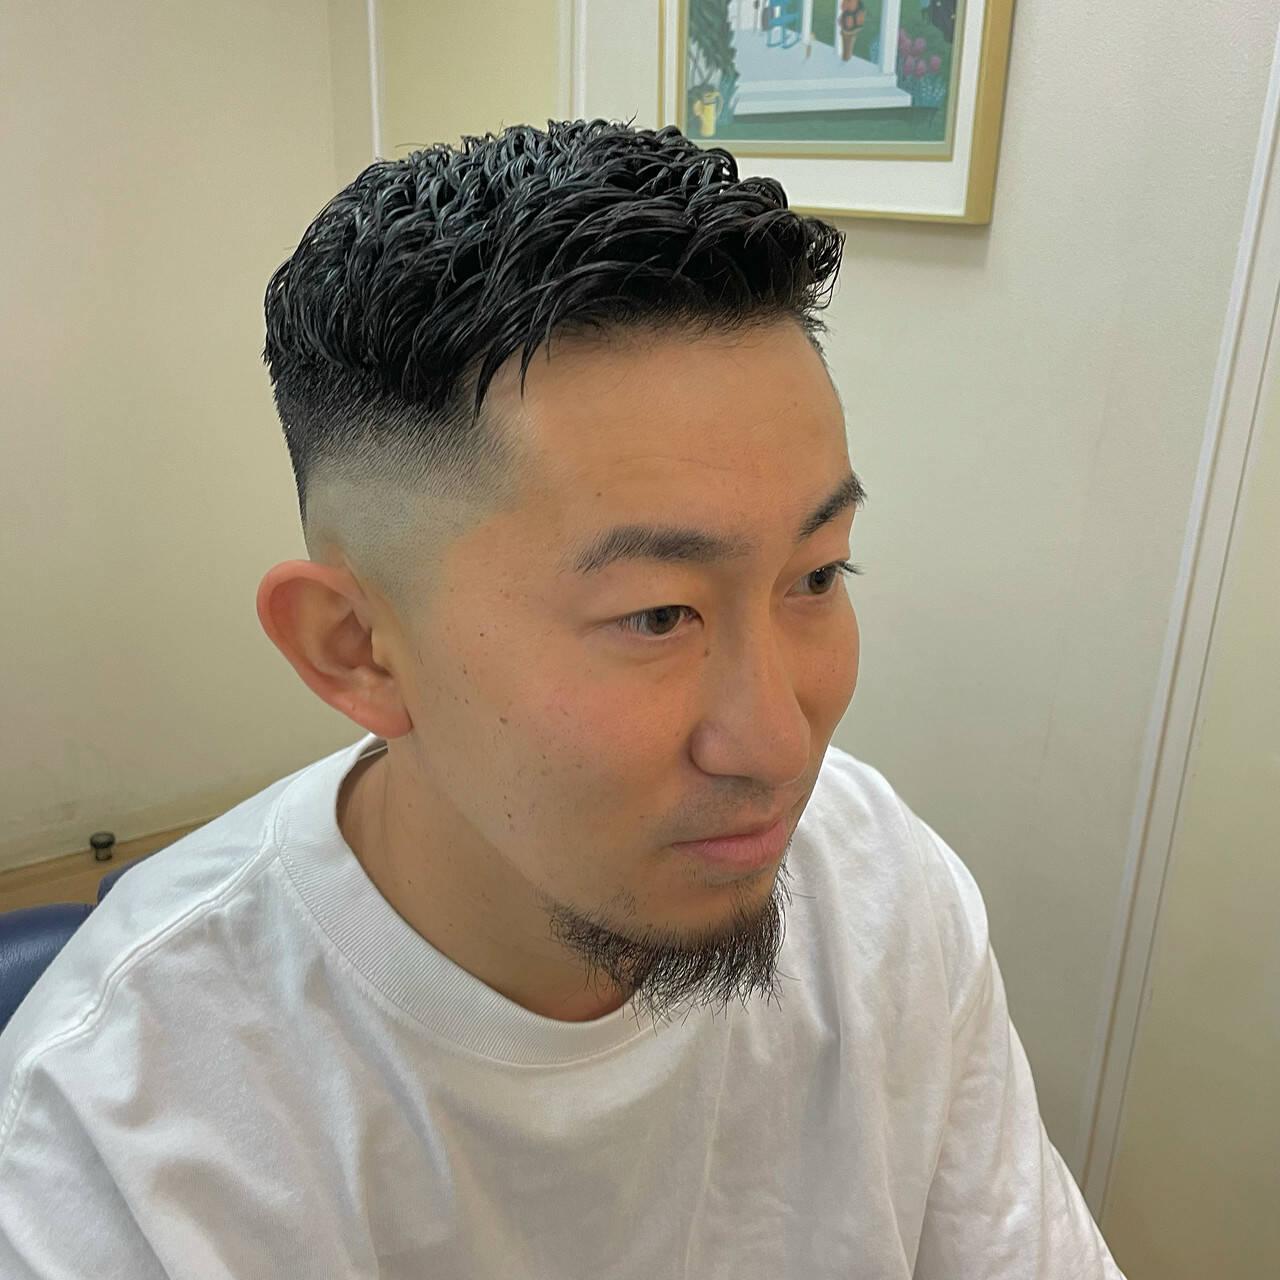 フェードカット ショート メンズ スキンフェードヘアスタイルや髪型の写真・画像